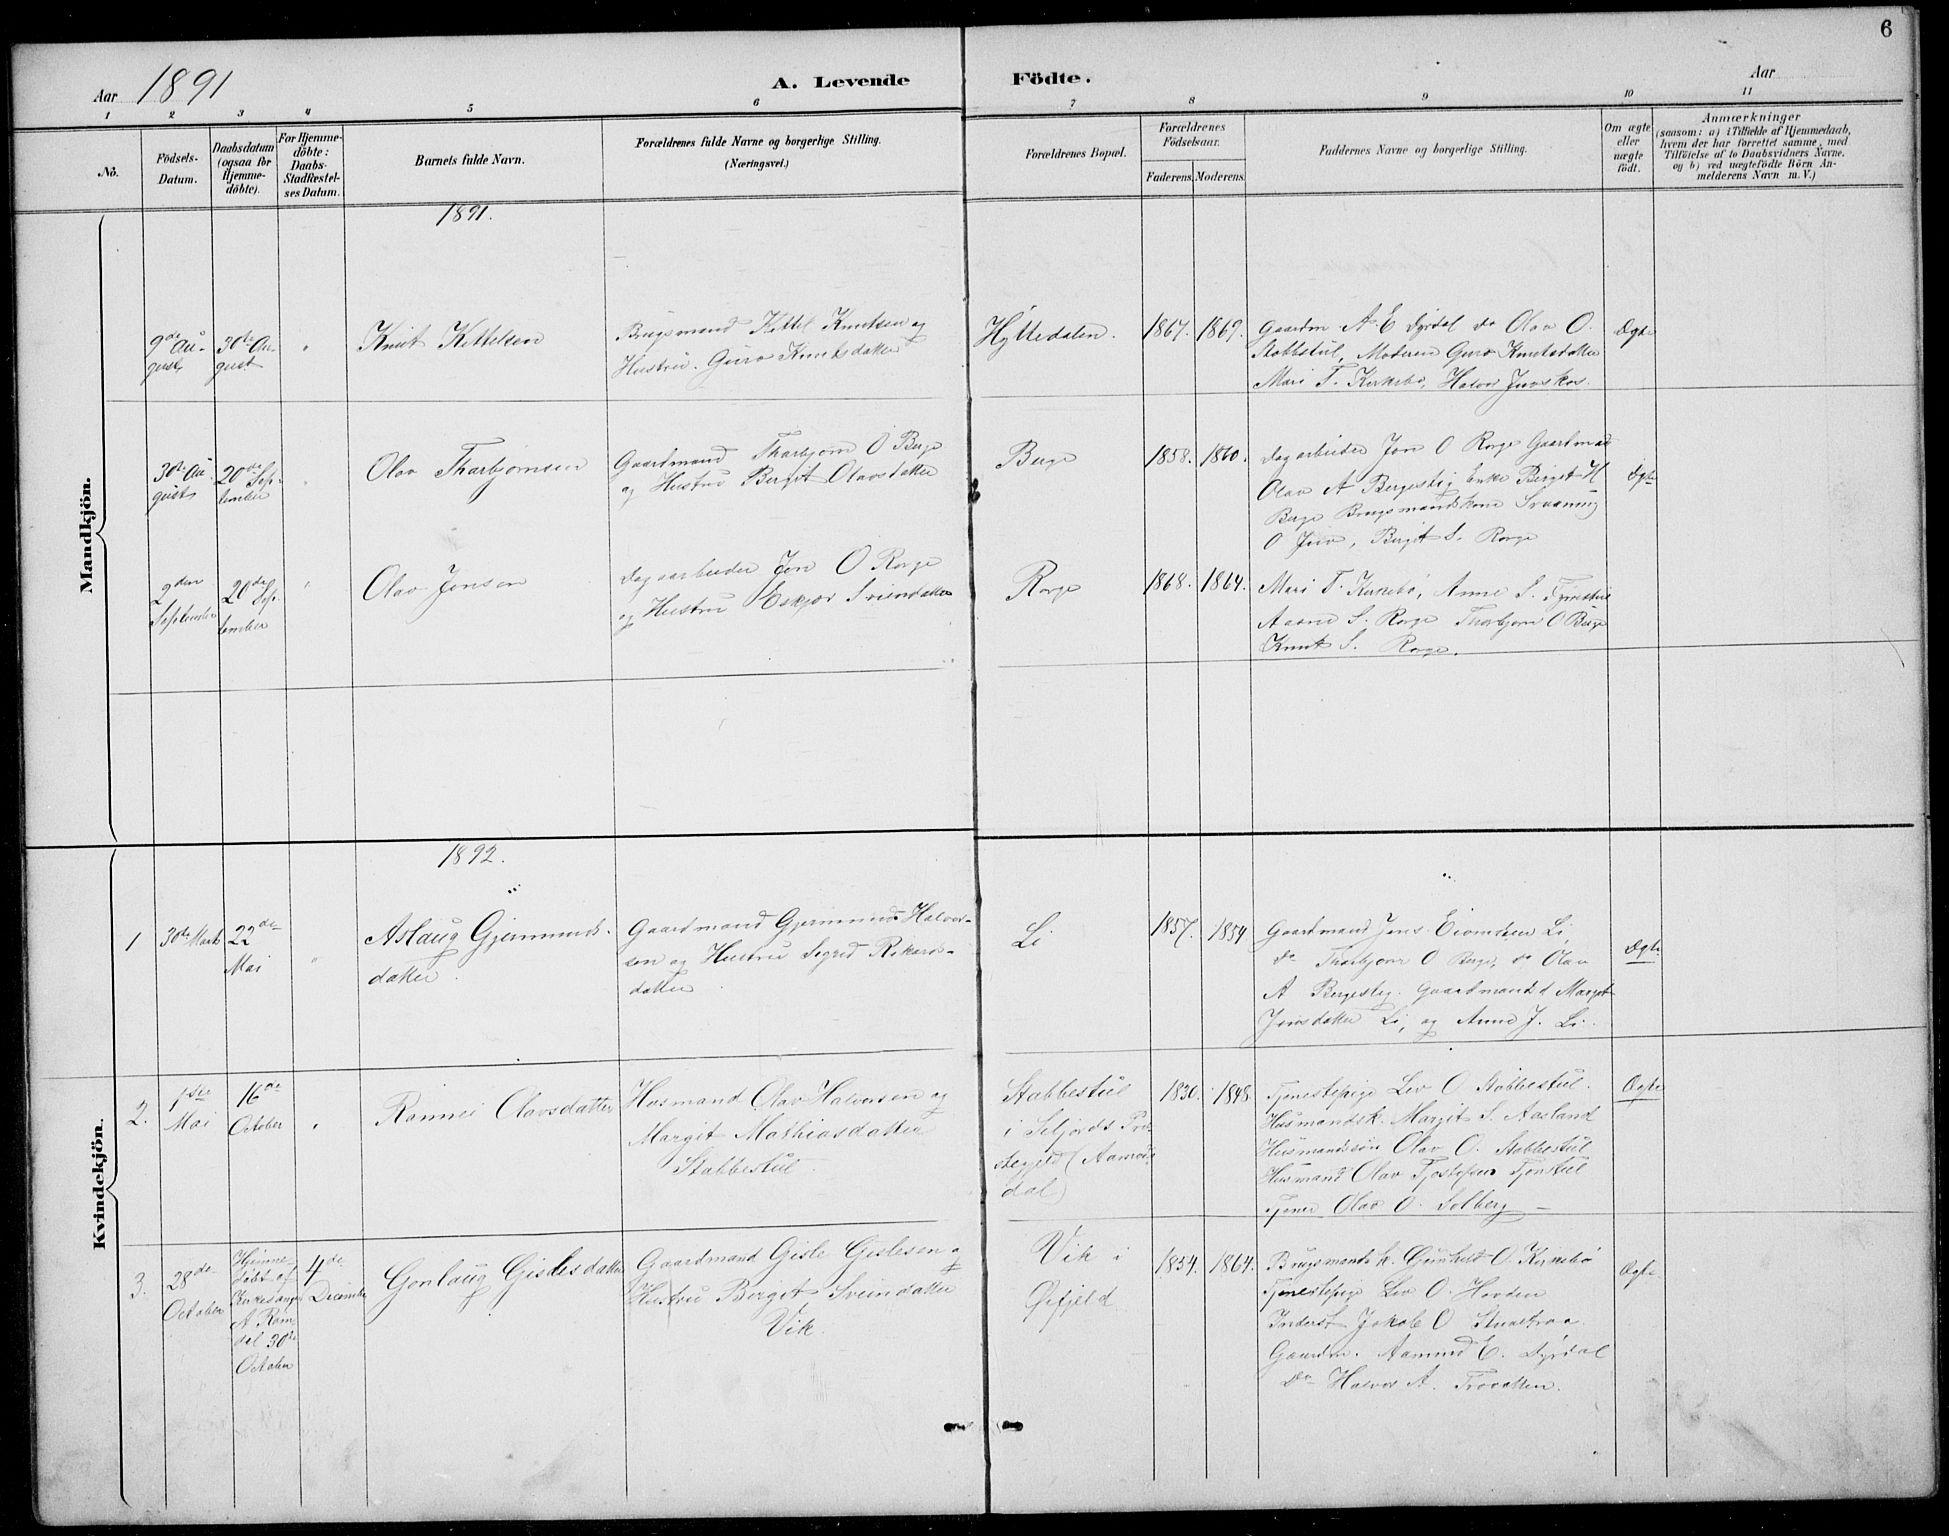 SAKO, Rauland kirkebøker, G/Gb/L0002: Klokkerbok nr. II 2, 1887-1937, s. 6